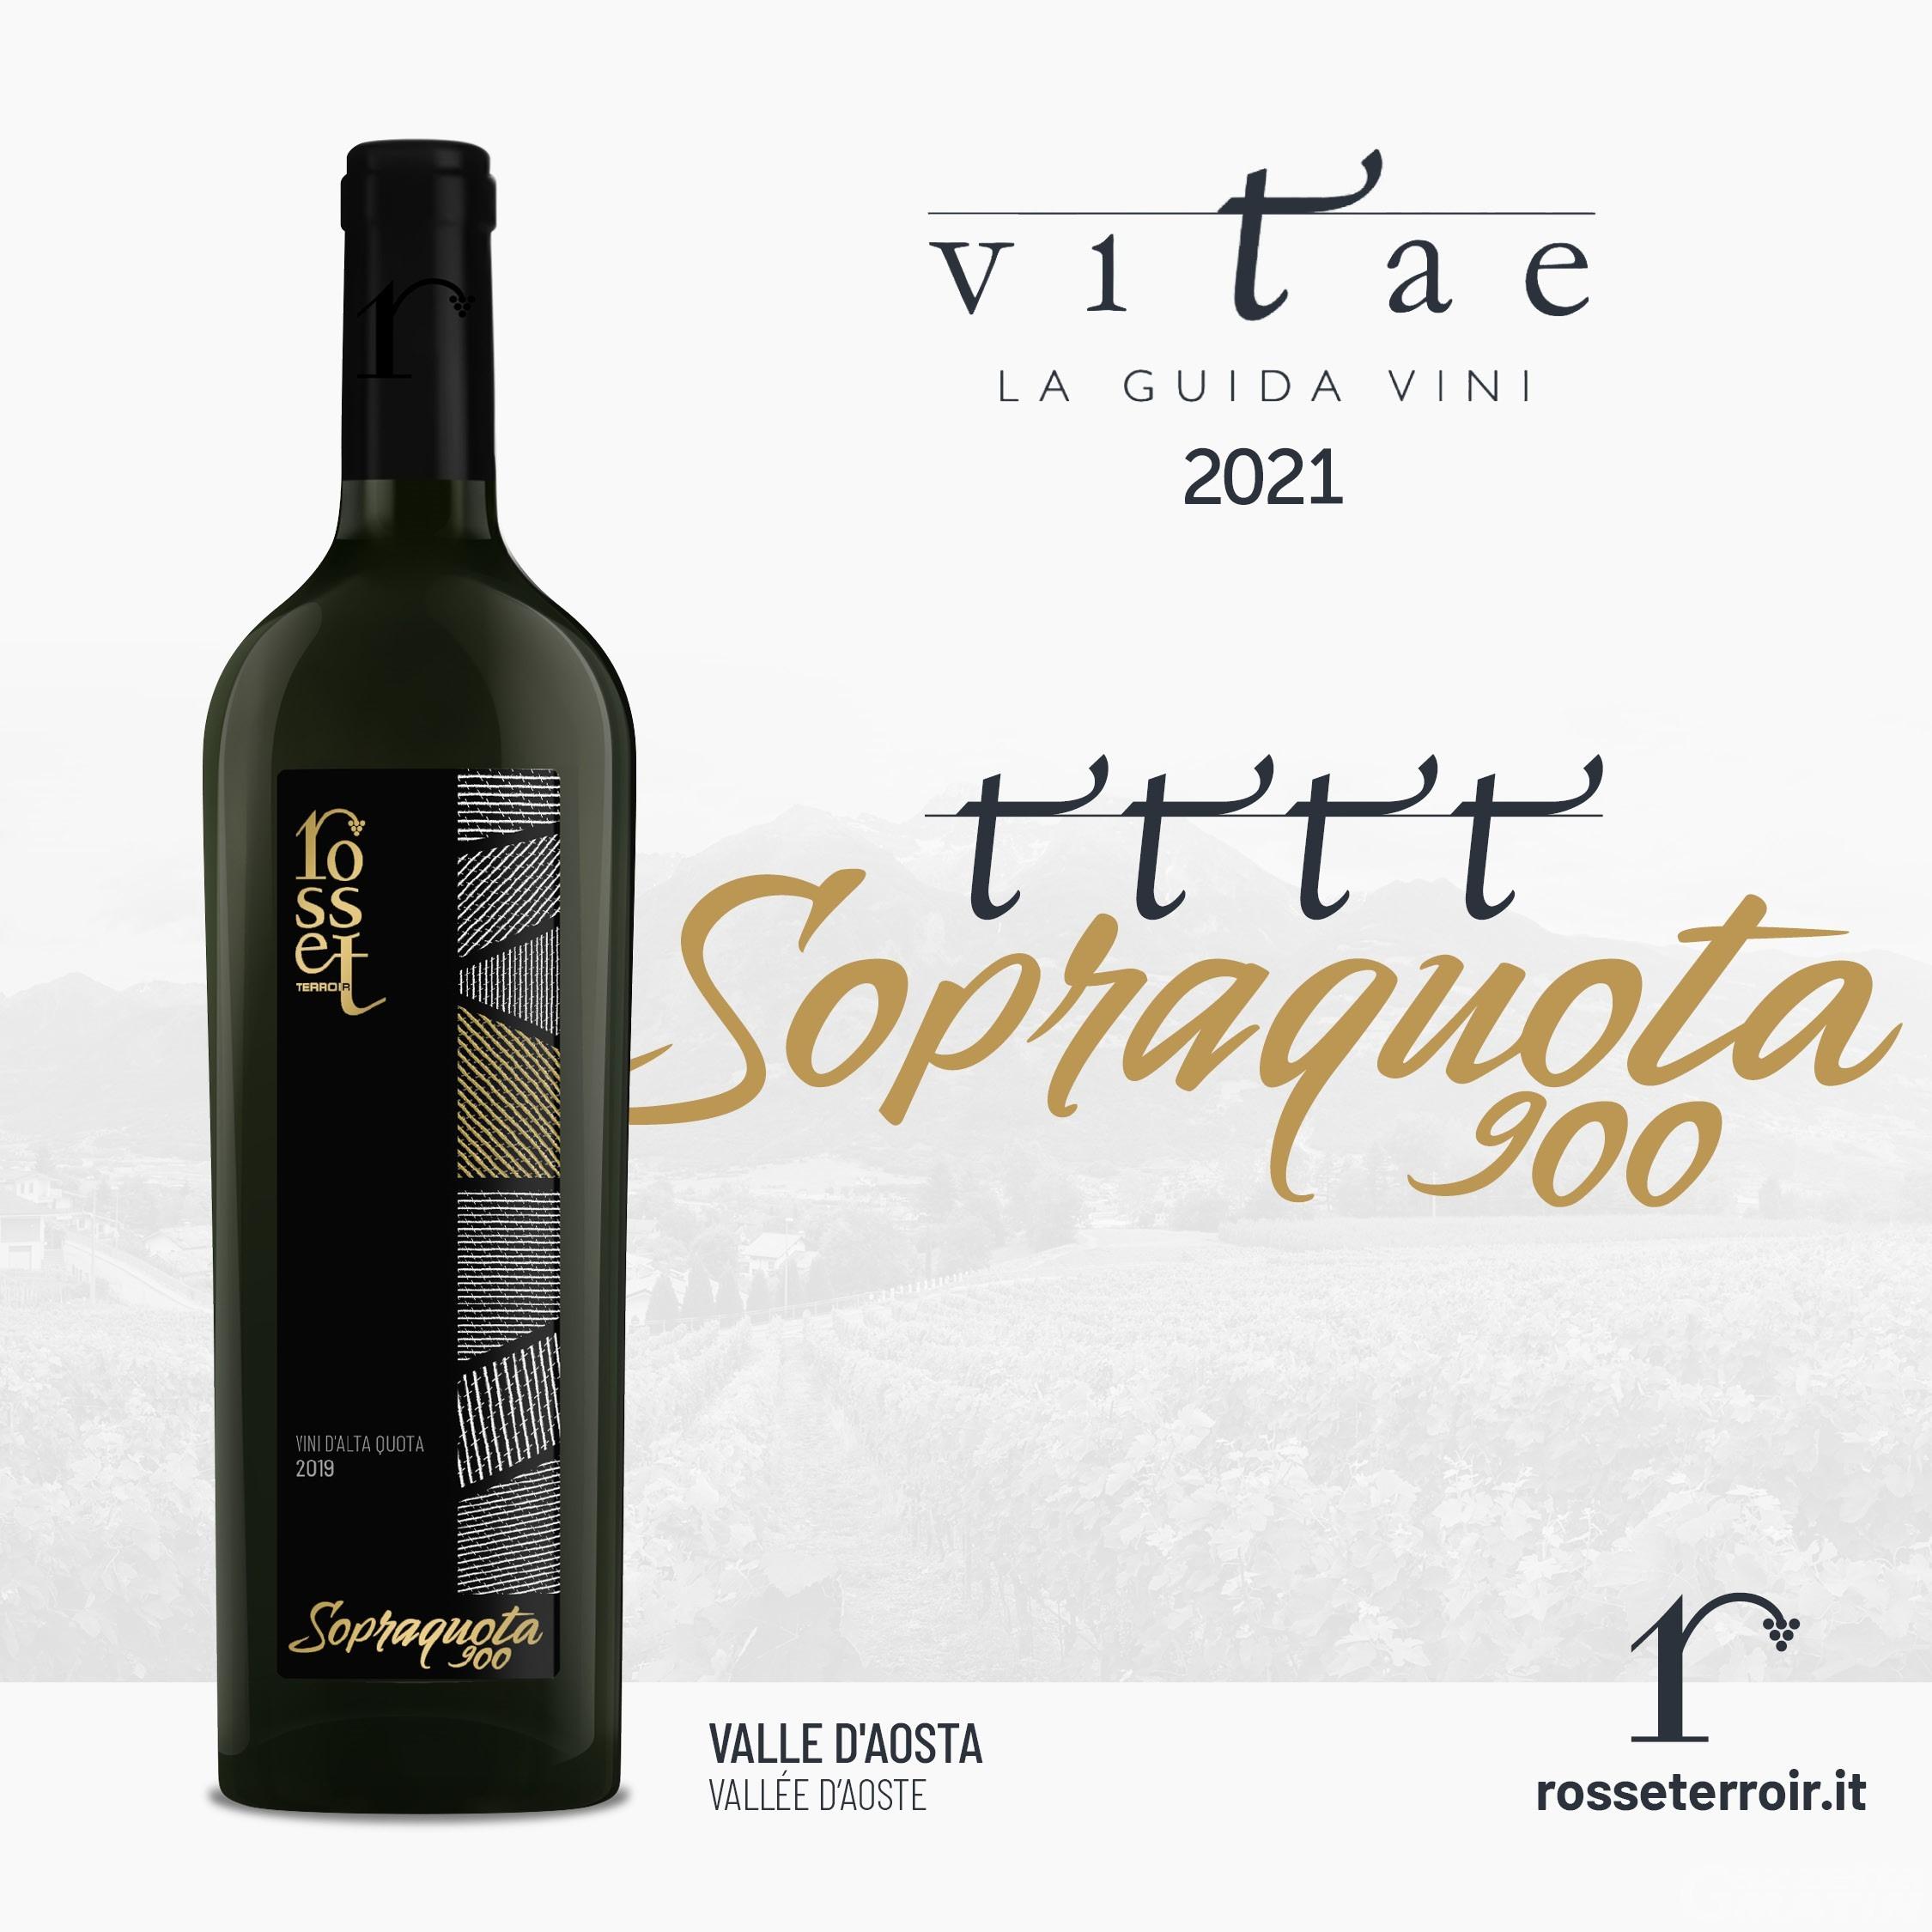 Anche per i sommelier italiani il Sopraquota 900 è il miglior vino bianco d'Italia